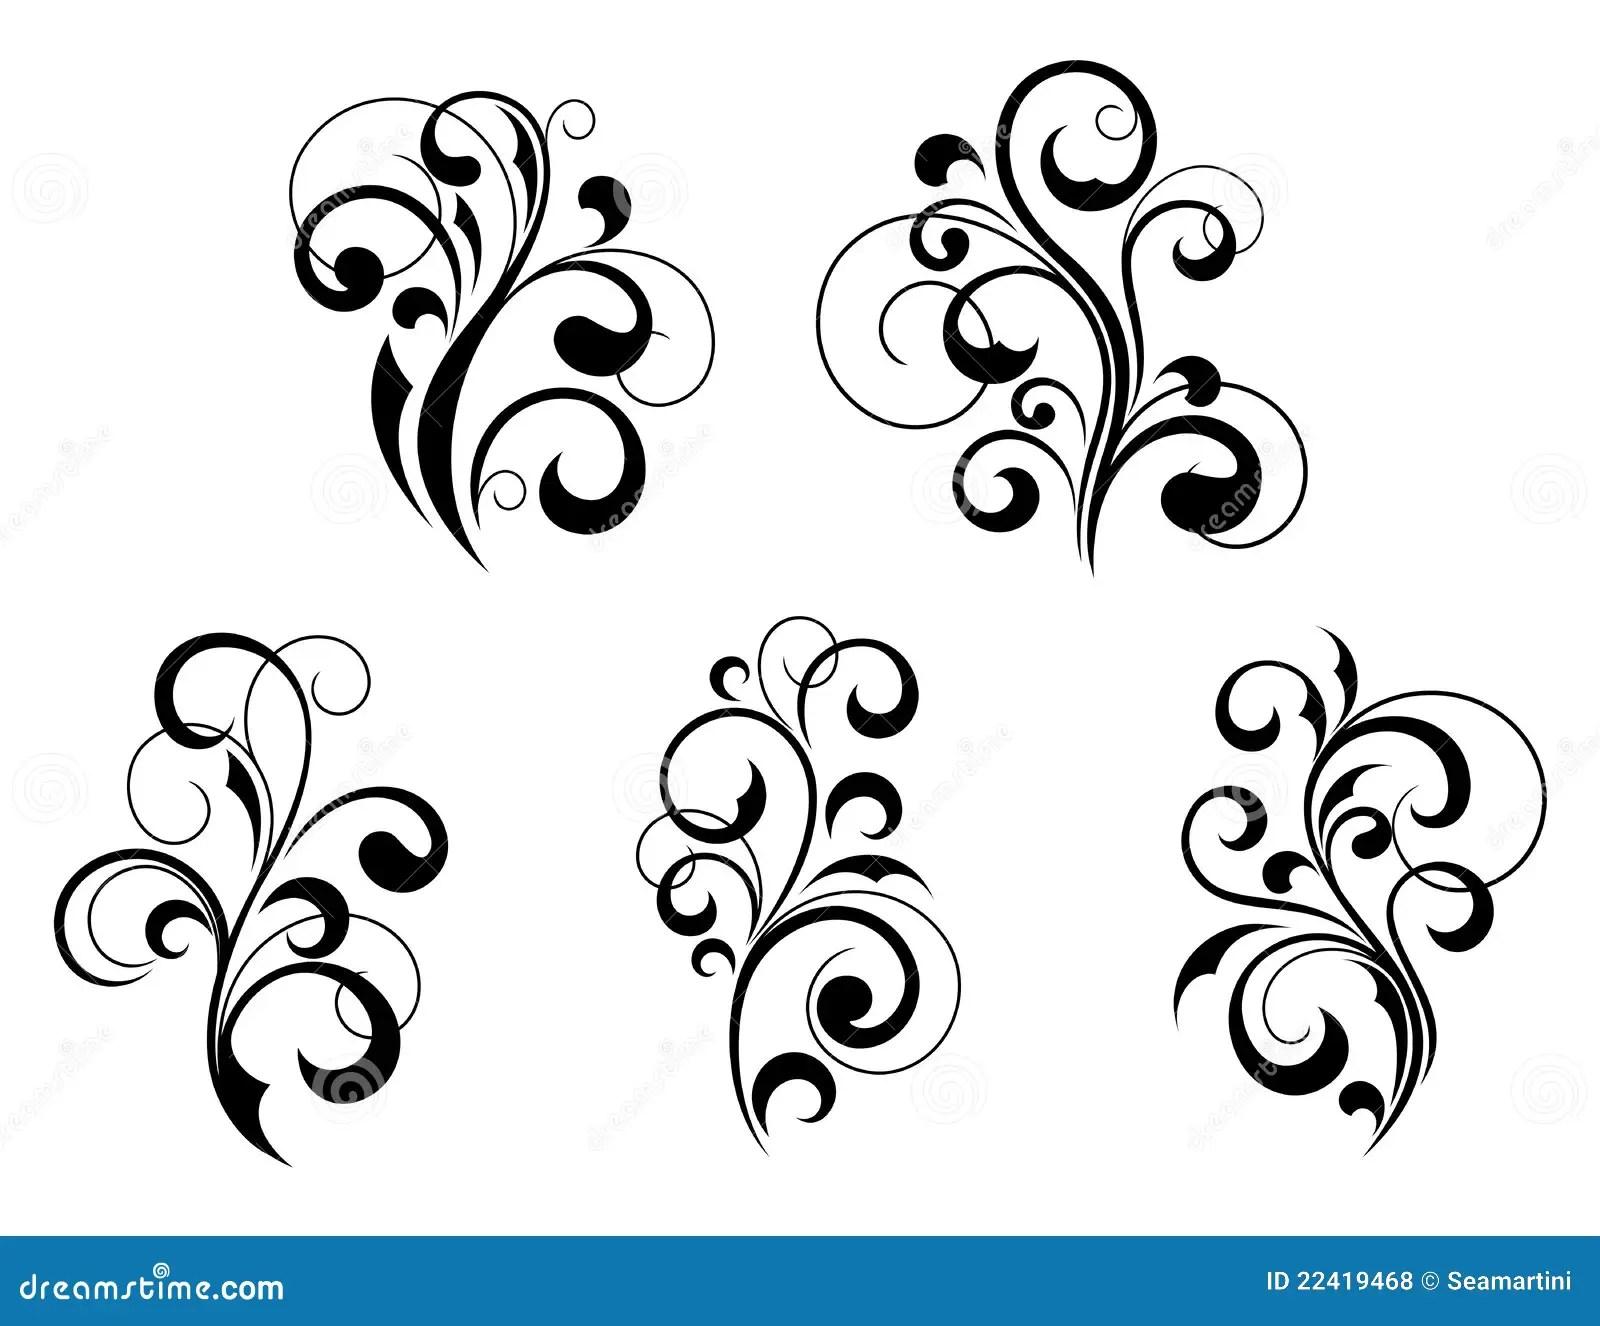 Bloemen Elementen En Motieven Vector Illustratie